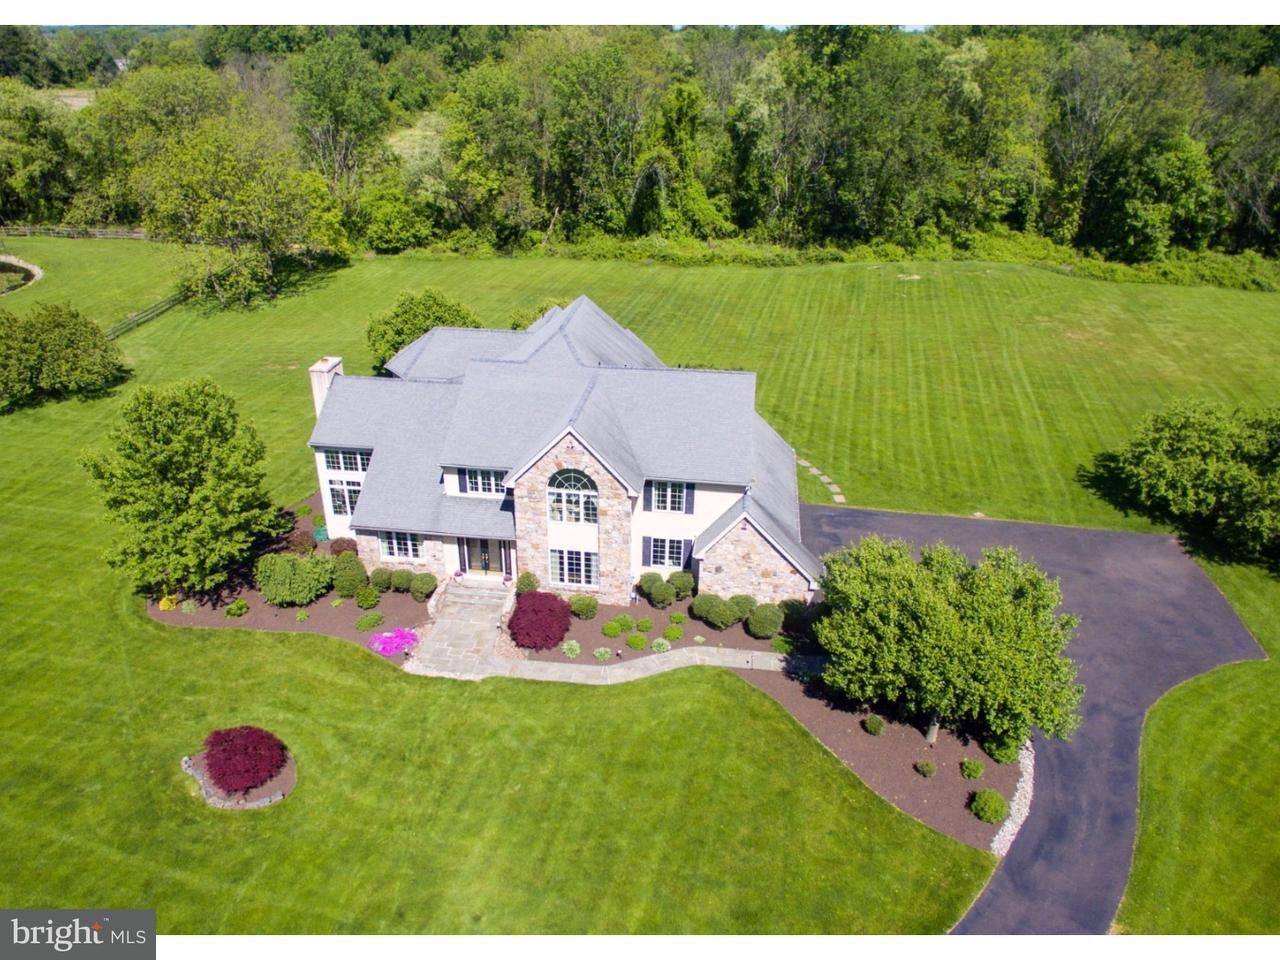 Частный односемейный дом для того Продажа на 12 SKYVIEW Drive Ivyland, Пенсильвания 18974 Соединенные Штаты